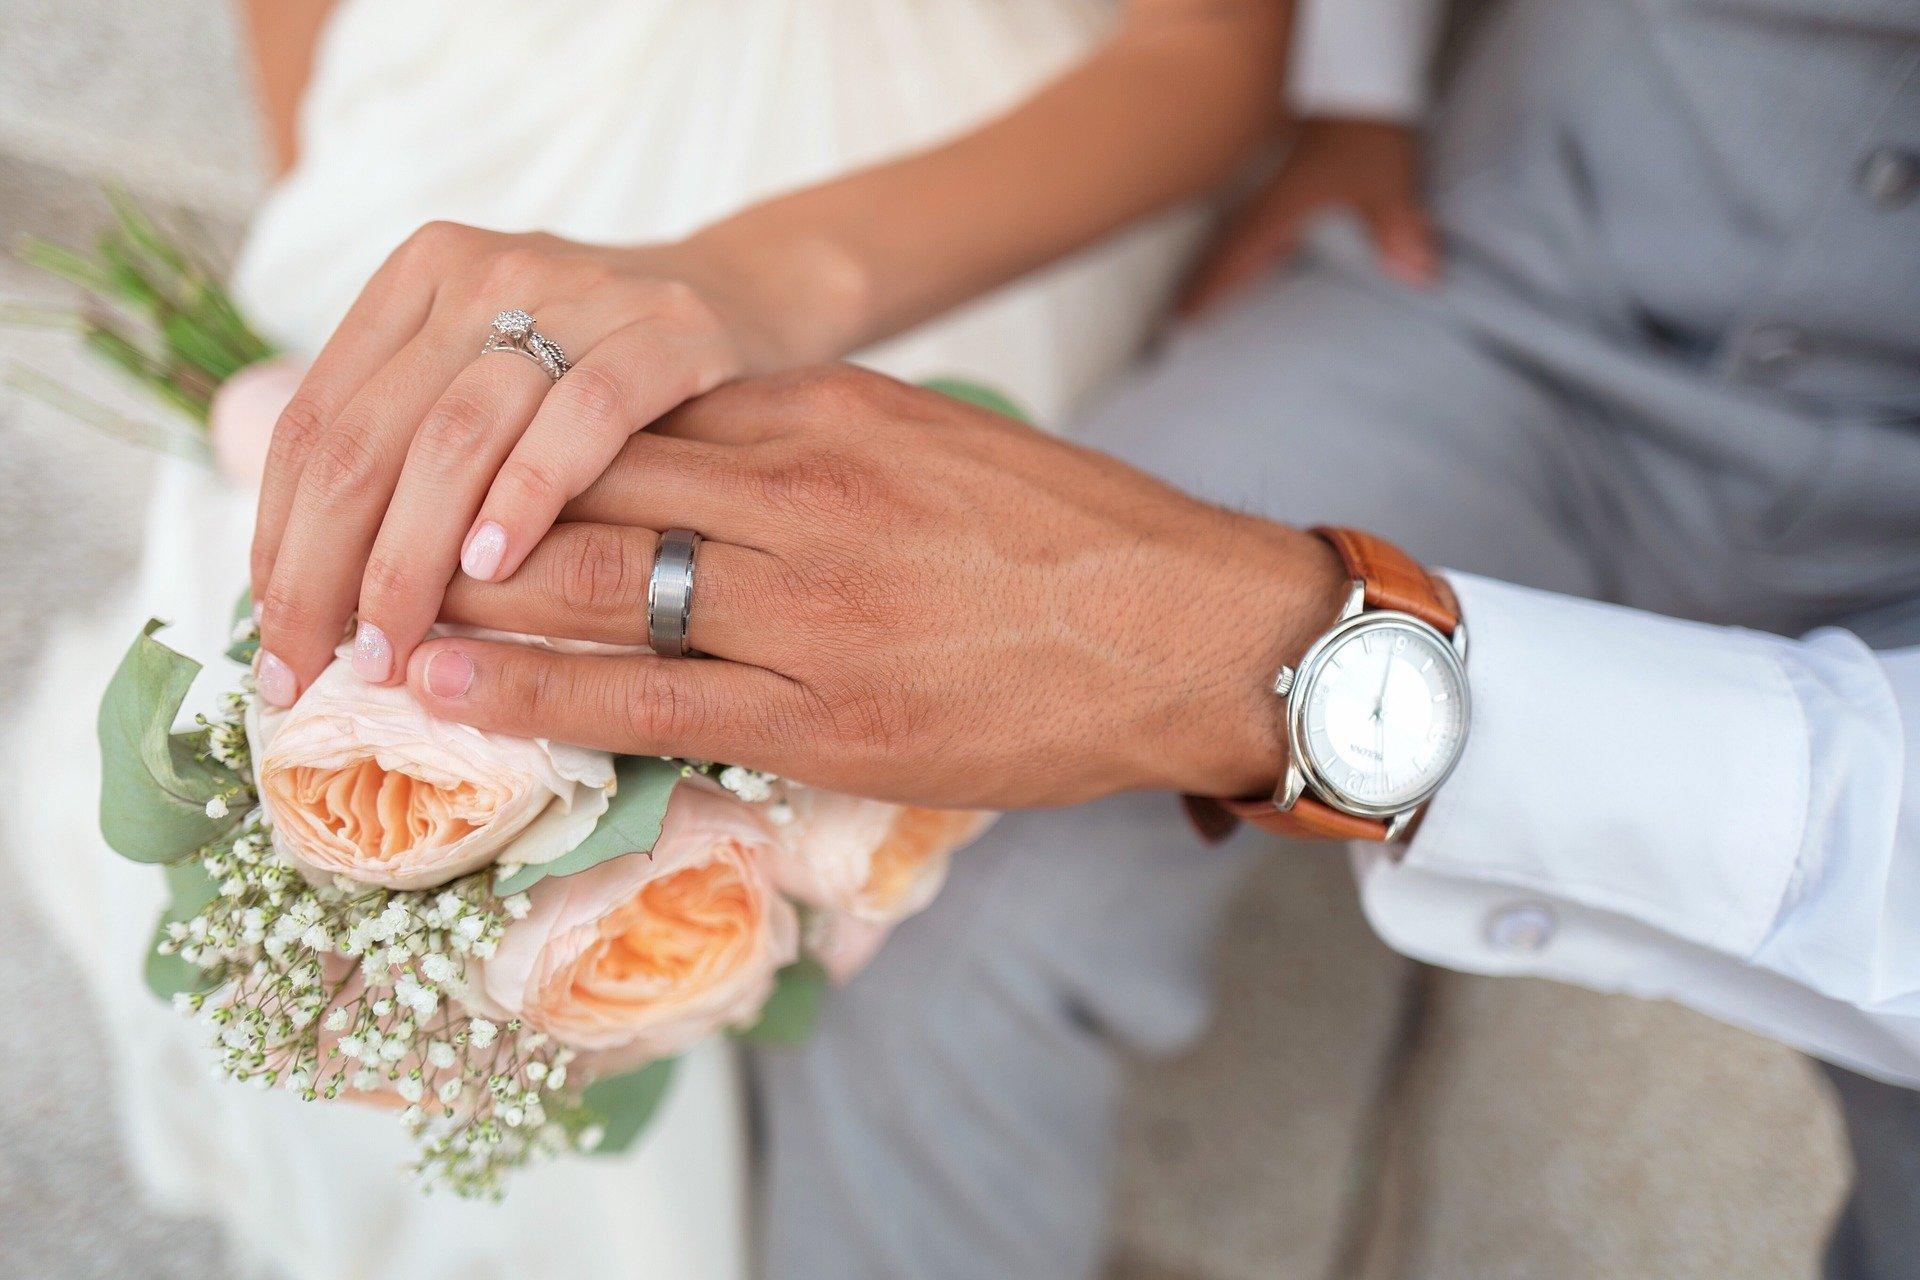 Matrimonio-focolaio a Monte di Procida: 200 invitati, 13 persone positive al Covid-19